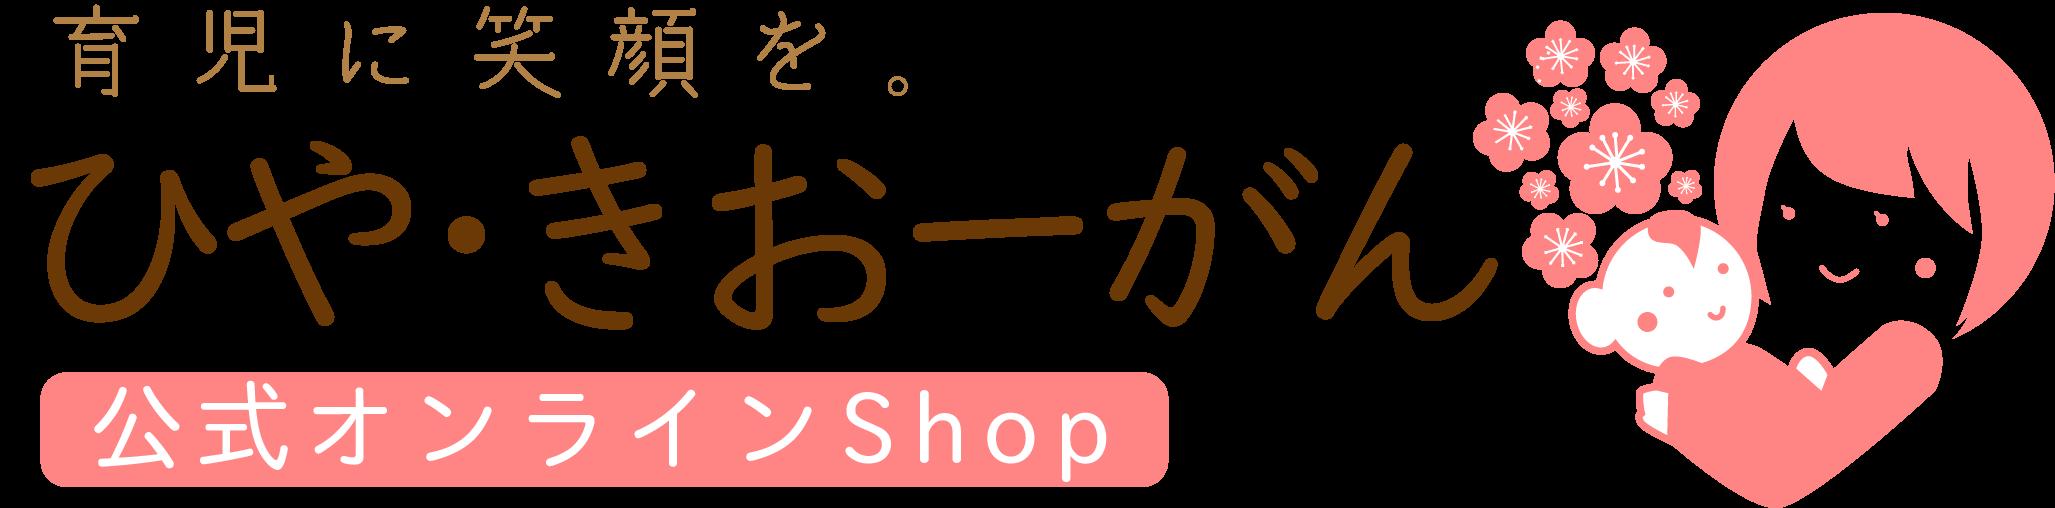 ひや・きおーがん公式オンラインShop